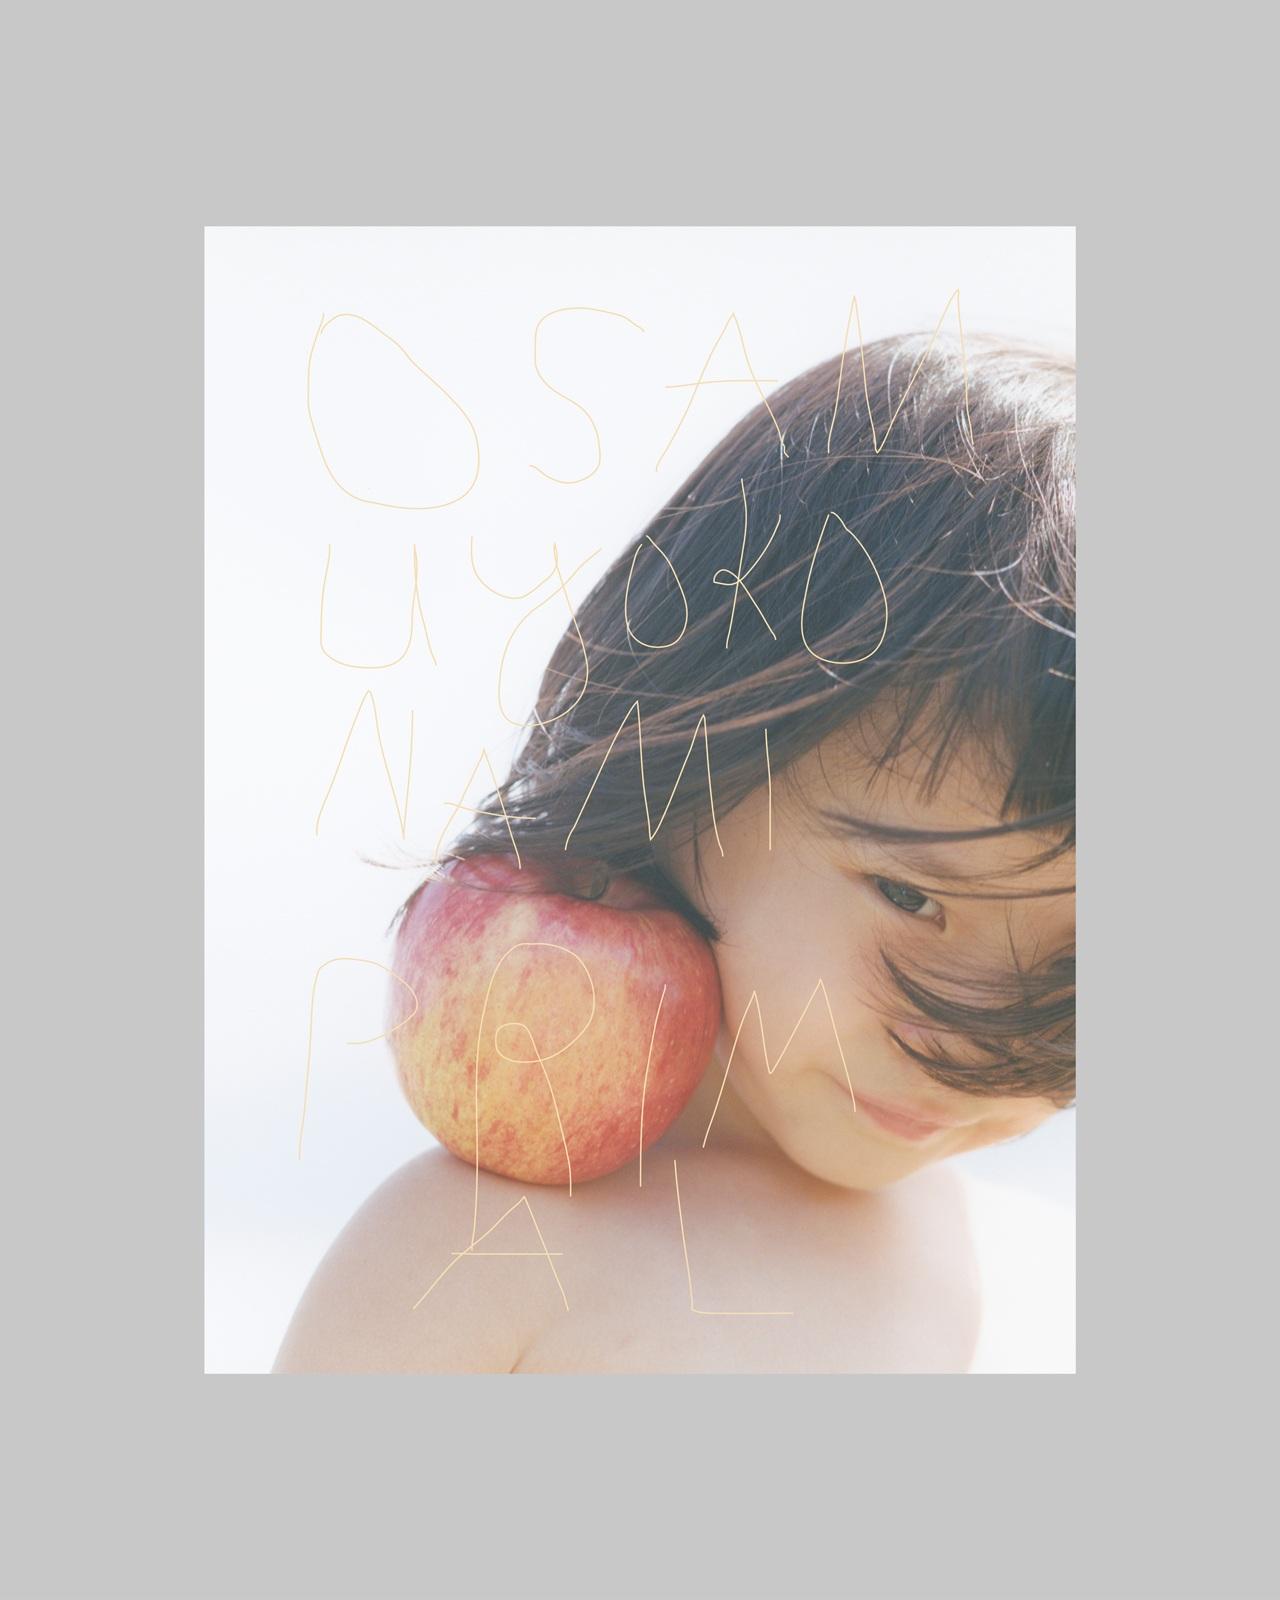 LM-Osamu-Yokonami-Primal-01.jpg